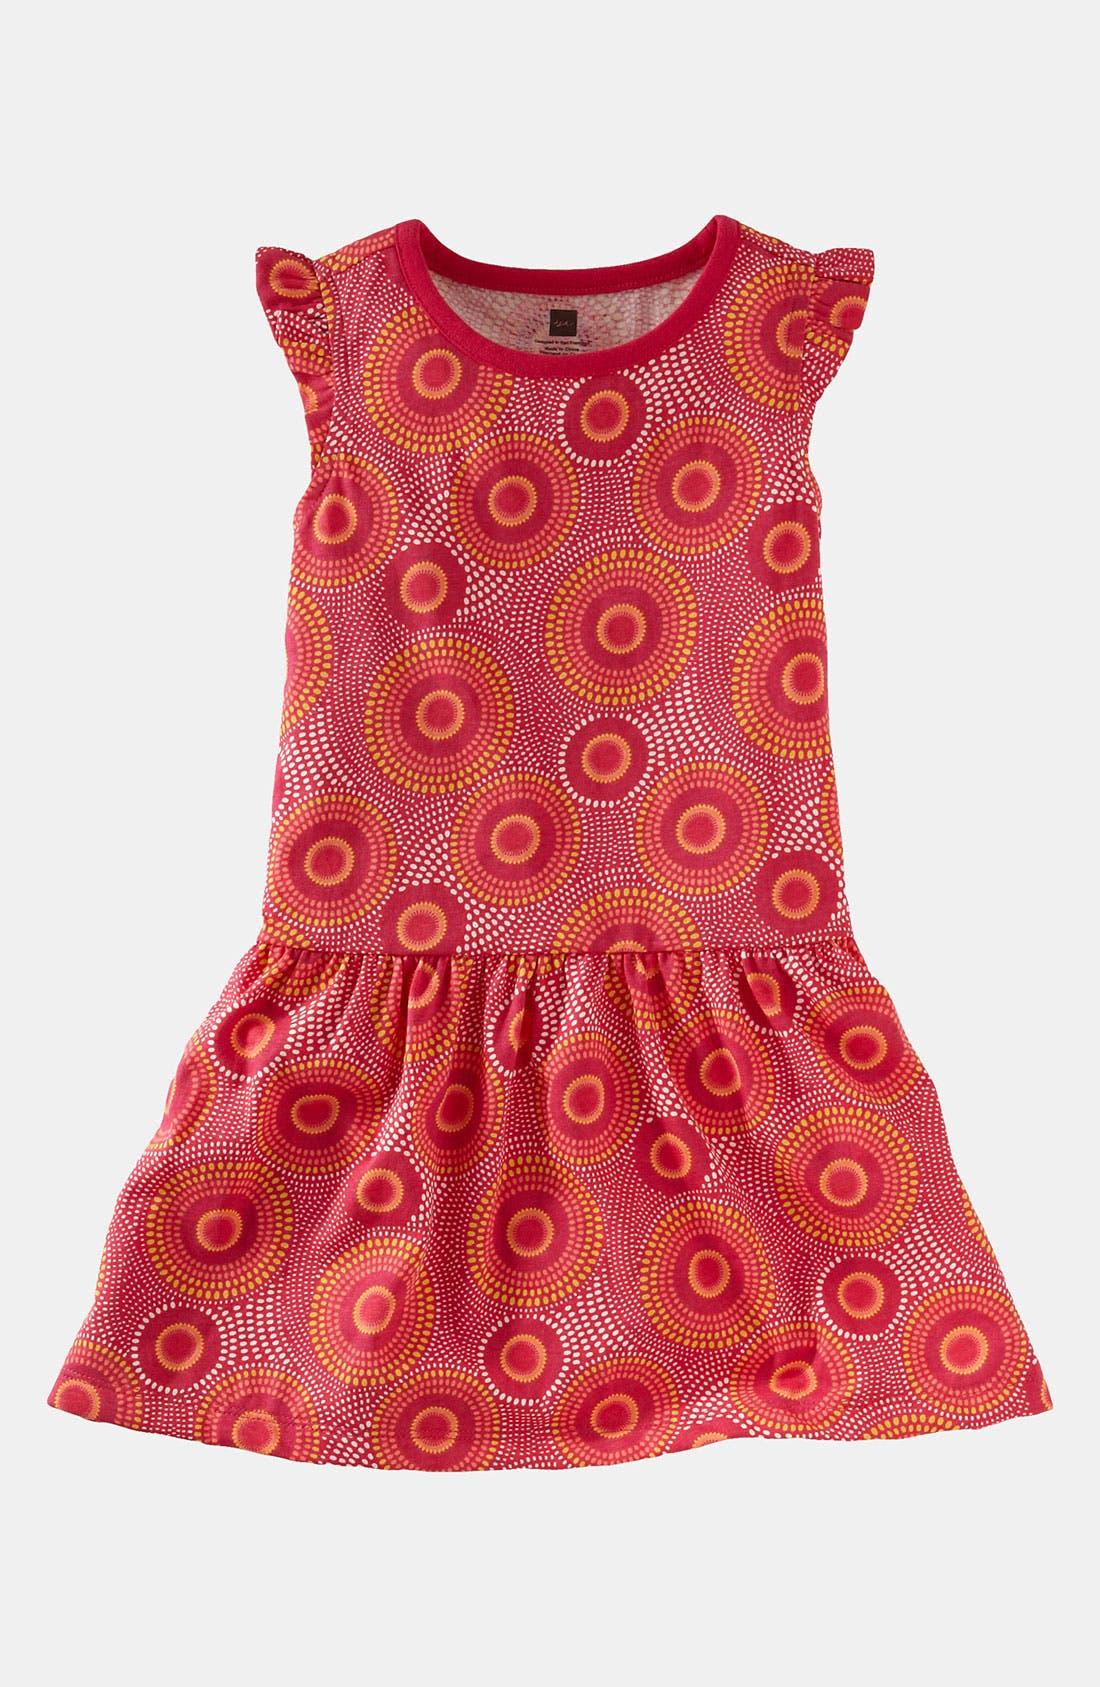 Main Image - Tea Collection 'Elm' Flutter Dress (Little Girls & Big Girls)